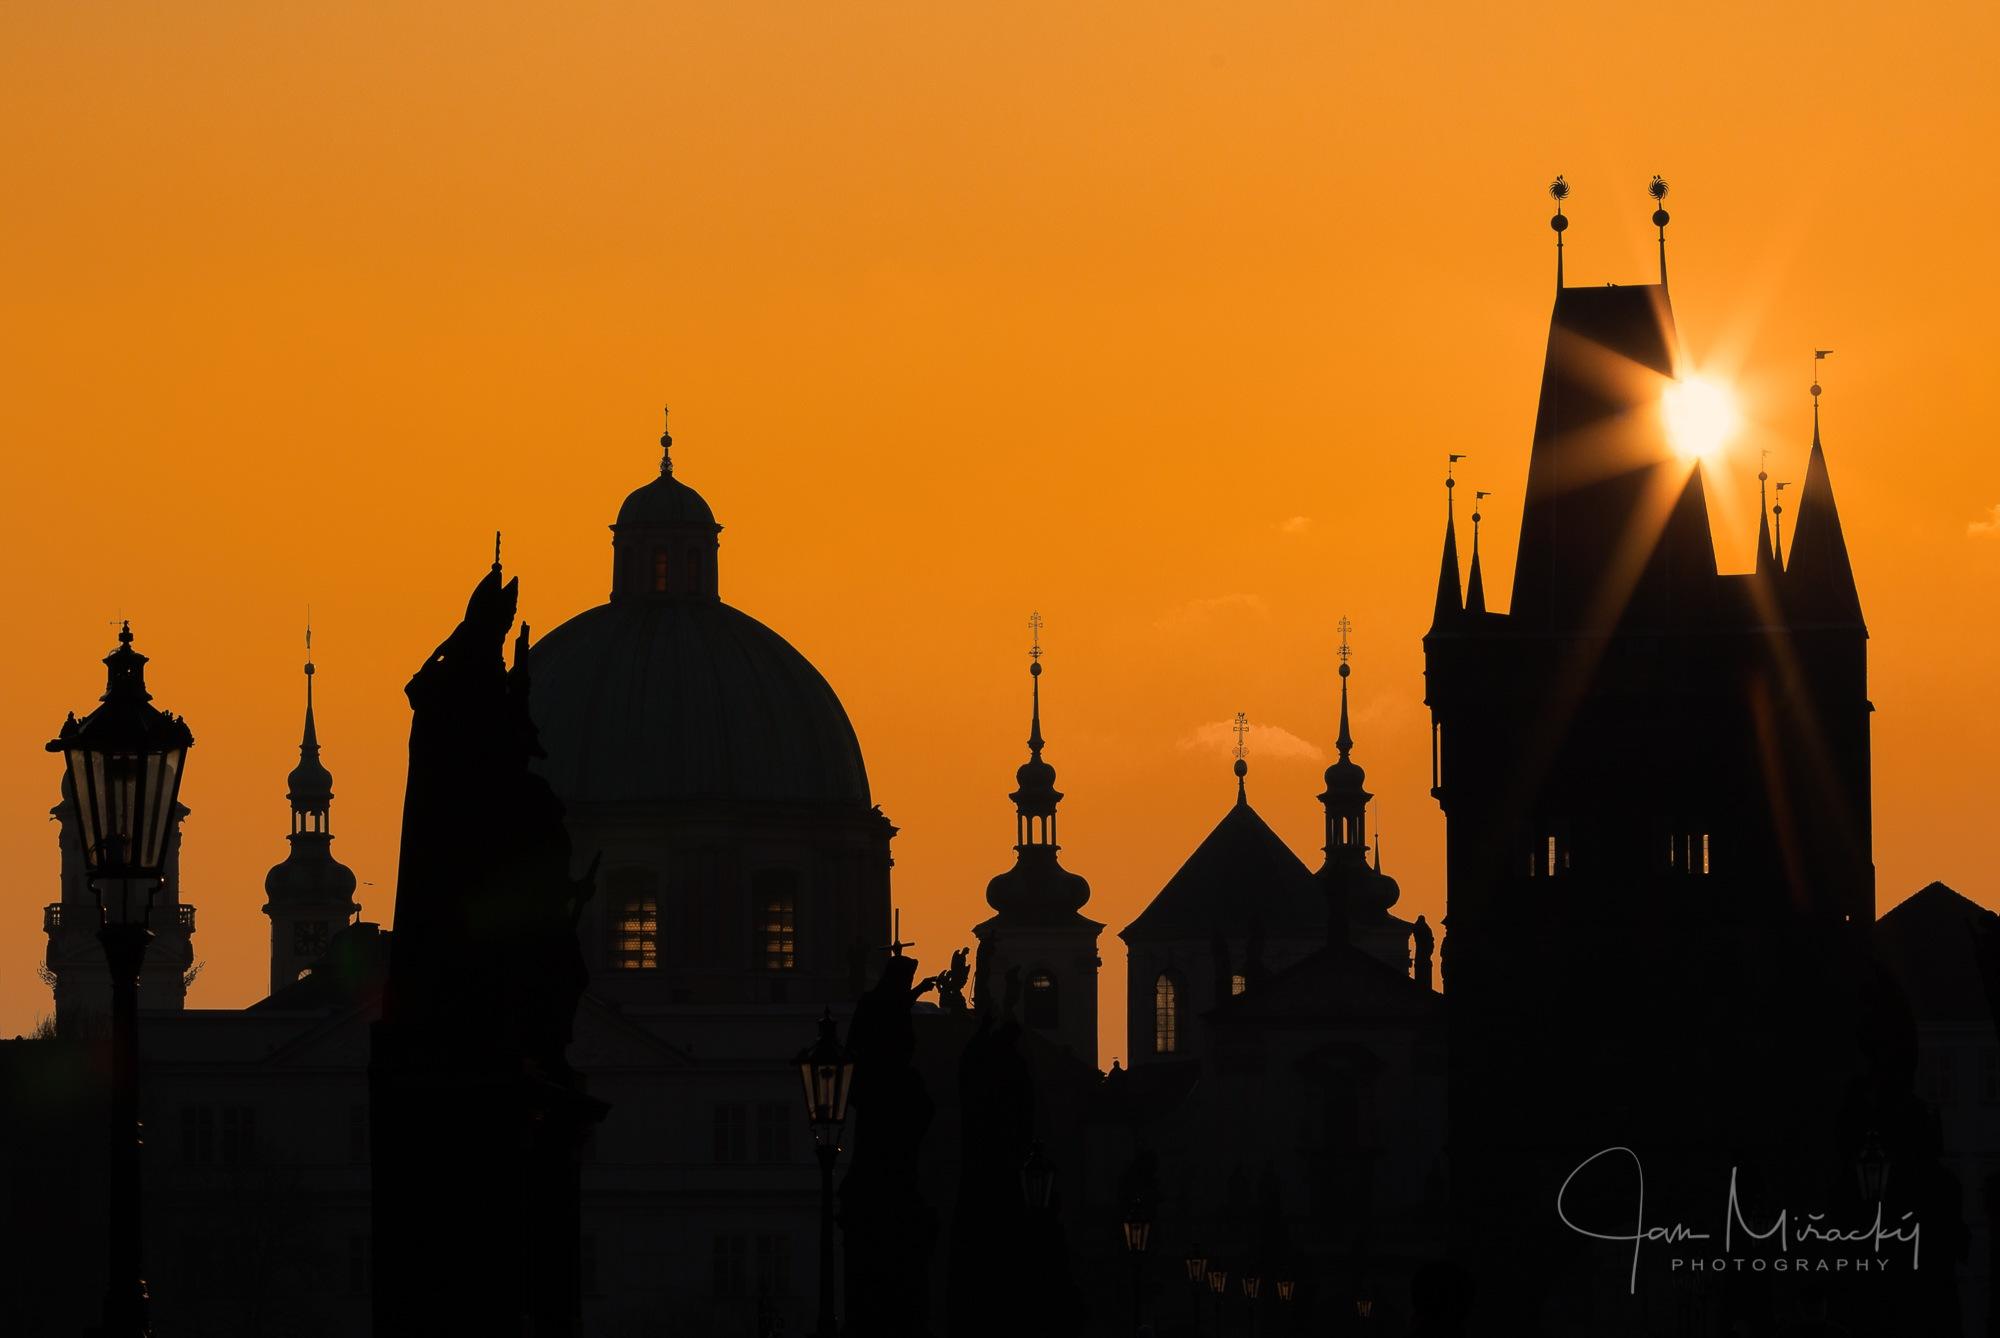 Sunrise at Charles bridge by Jan Miřacký